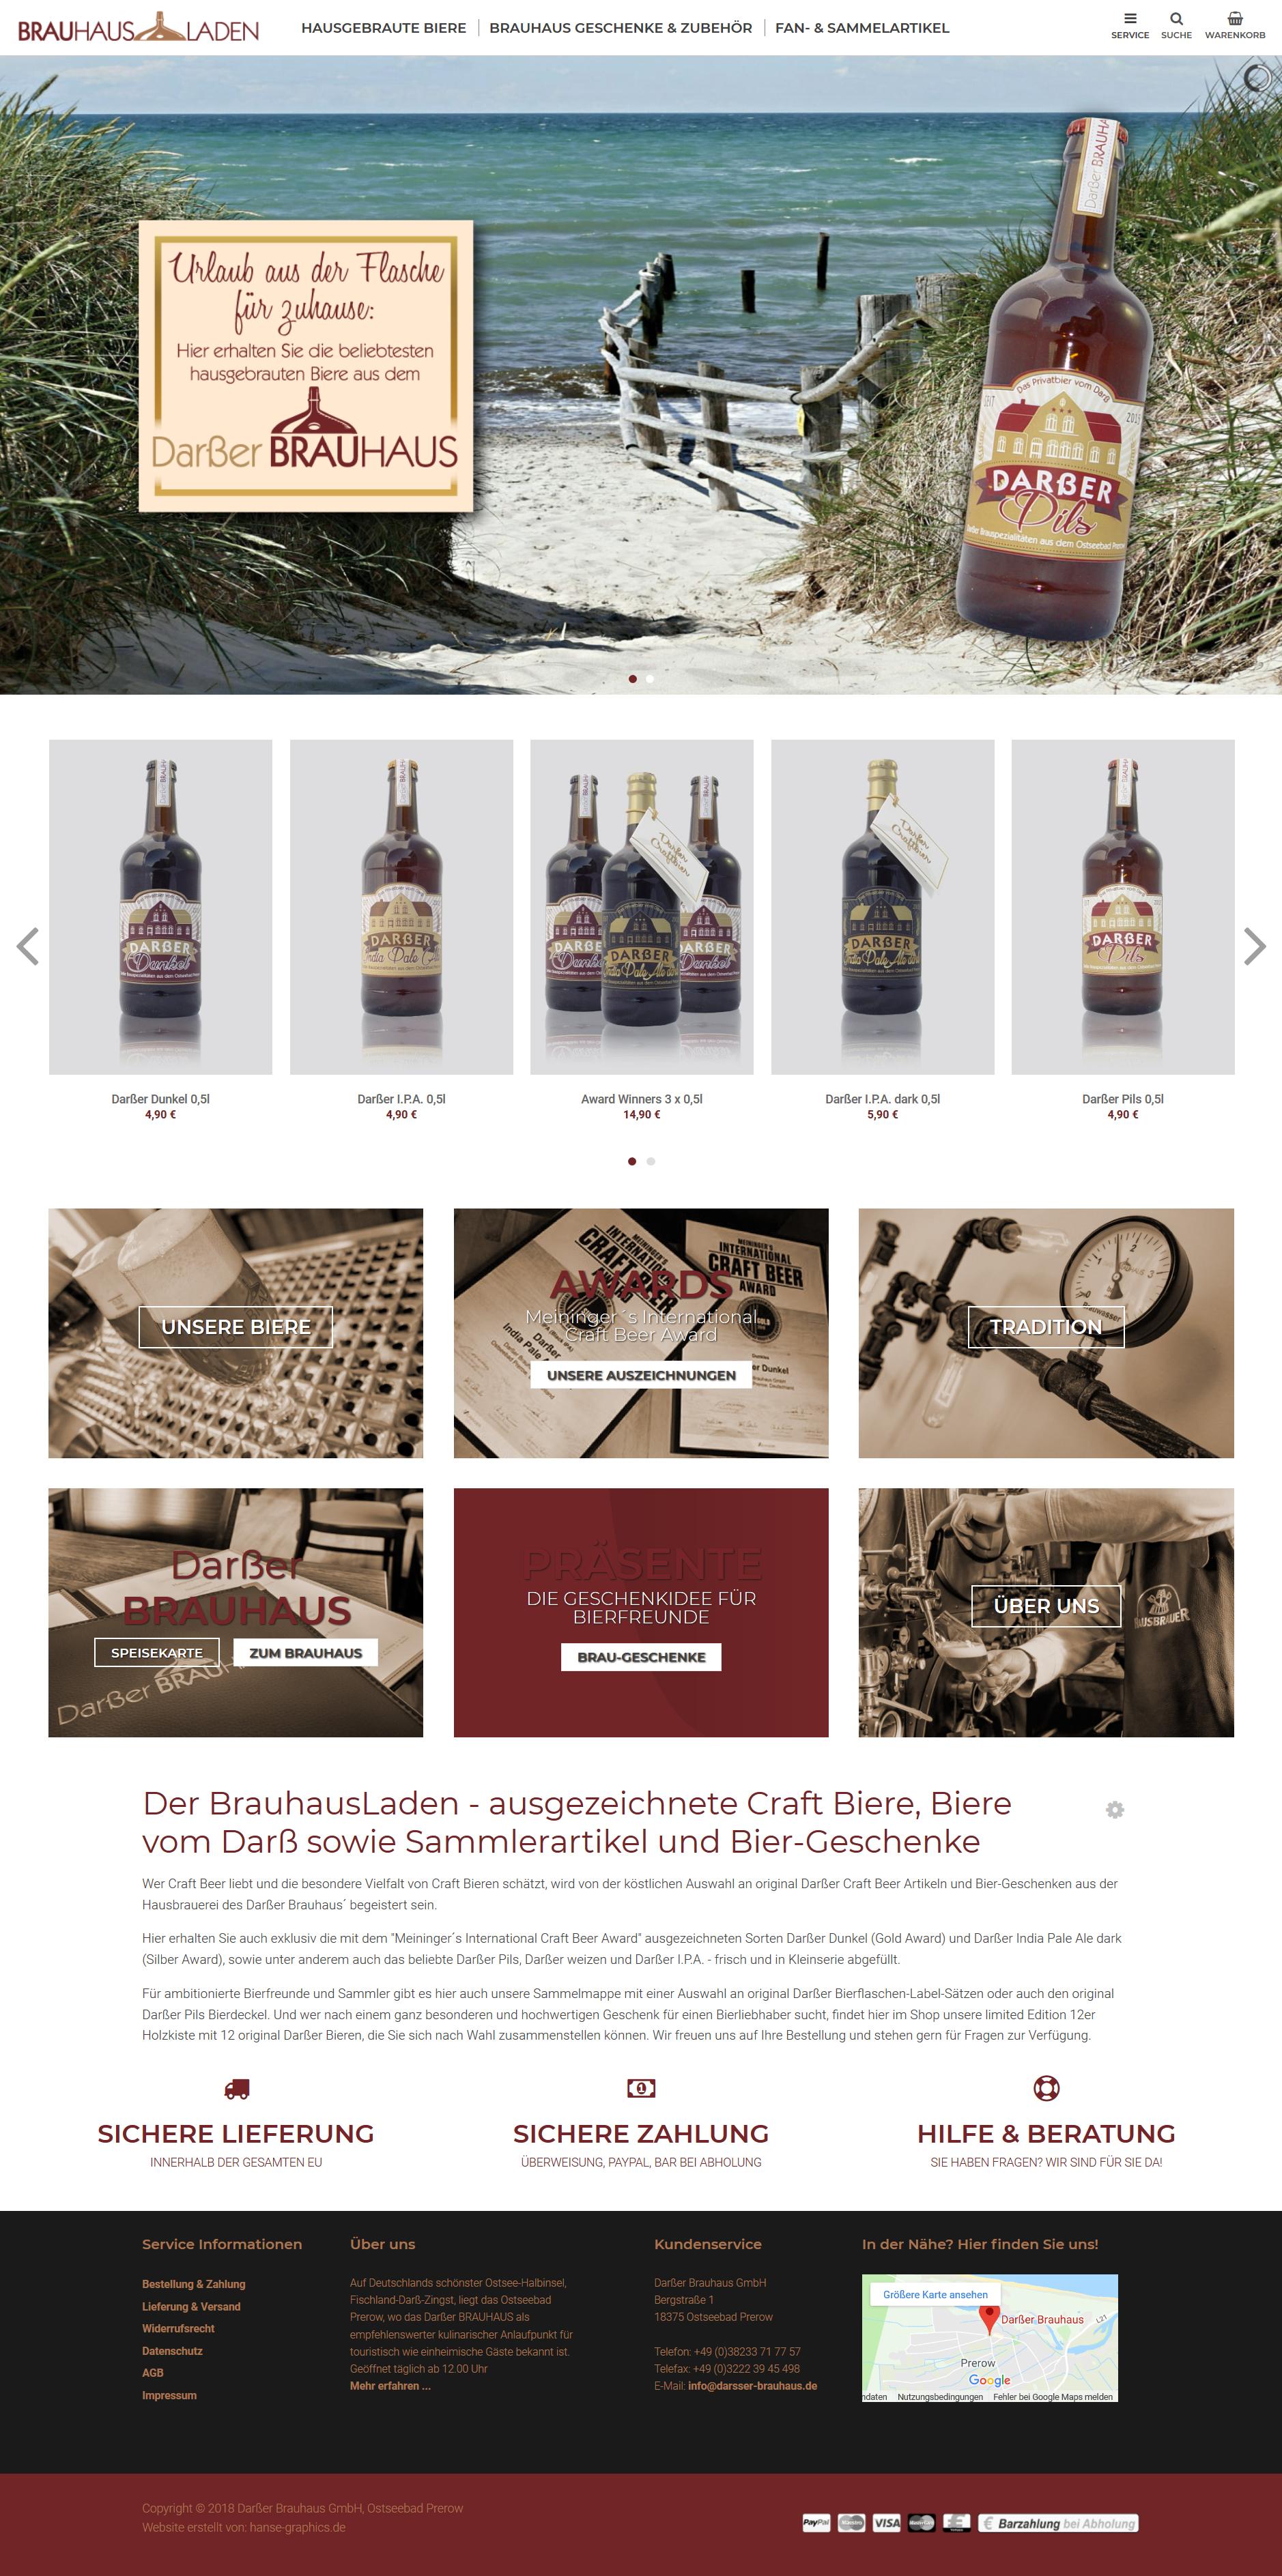 Brauhausladen.de